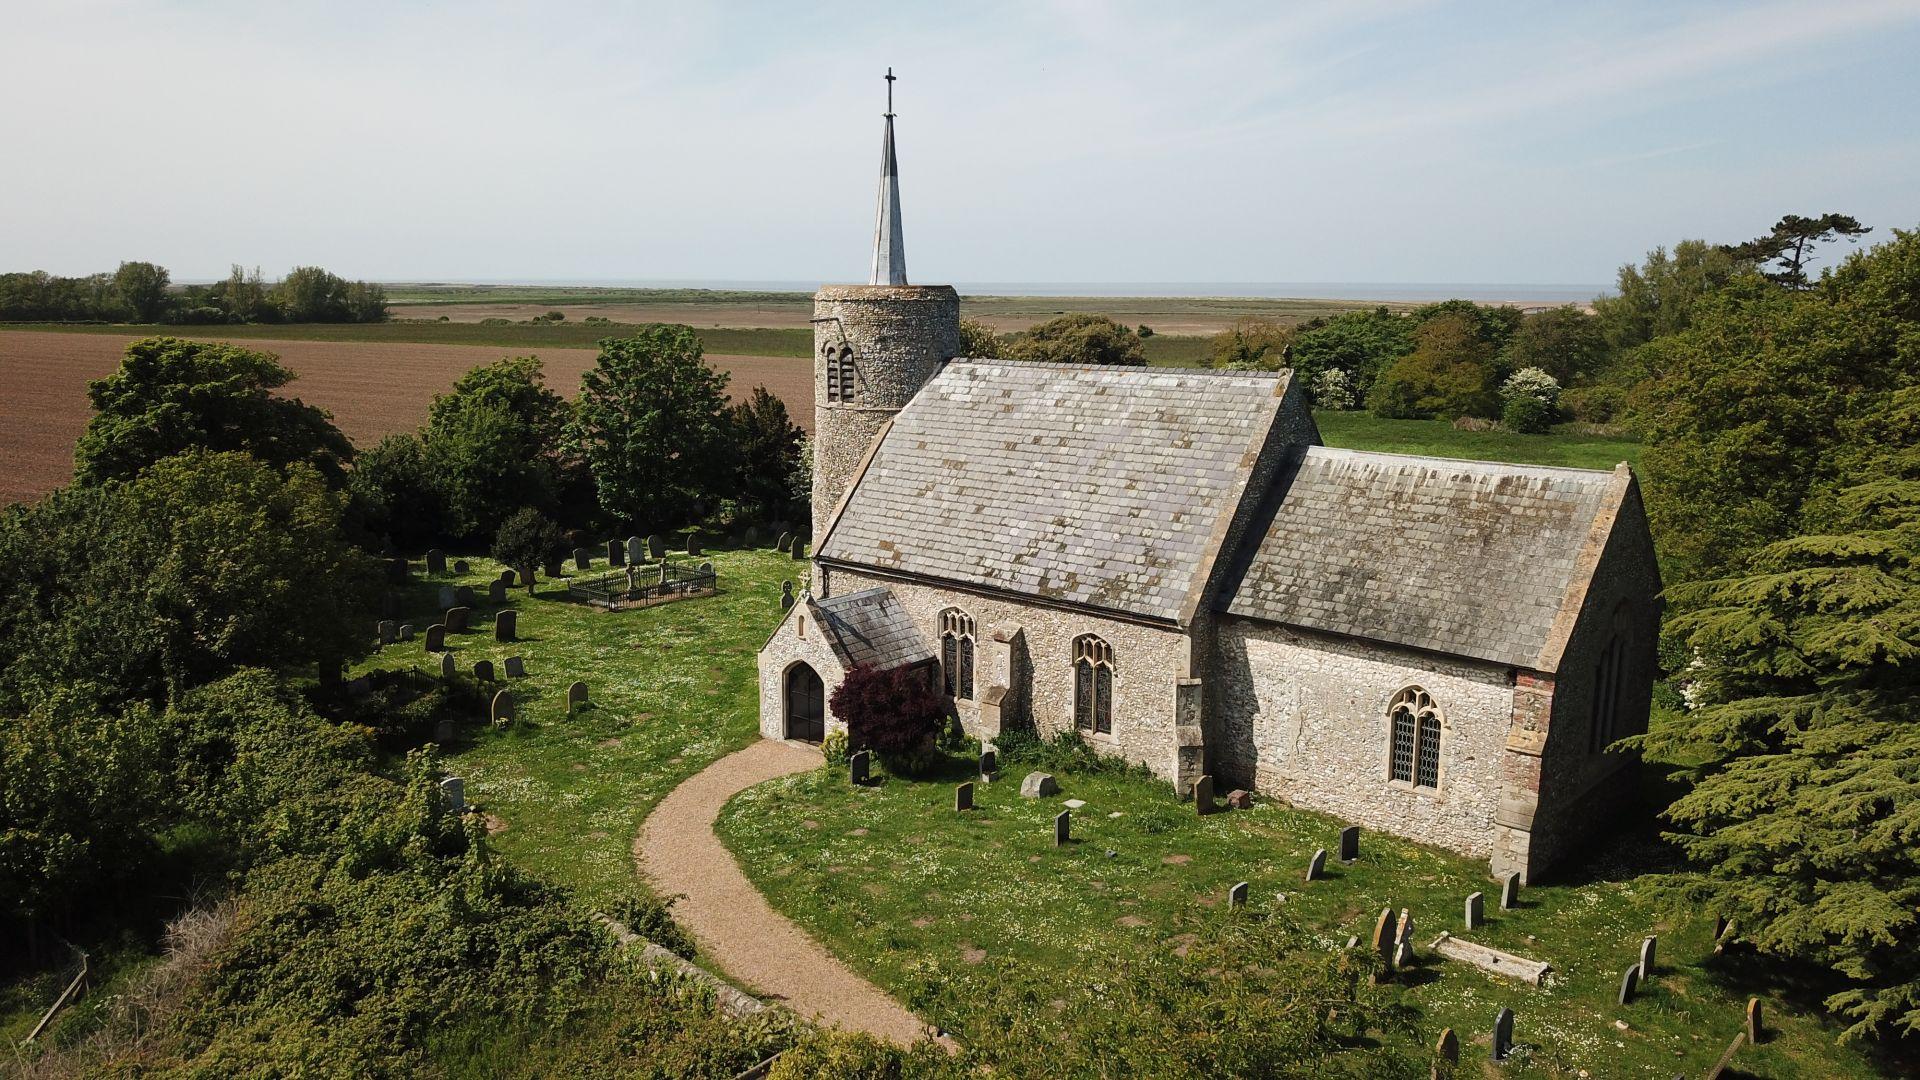 Church - Small